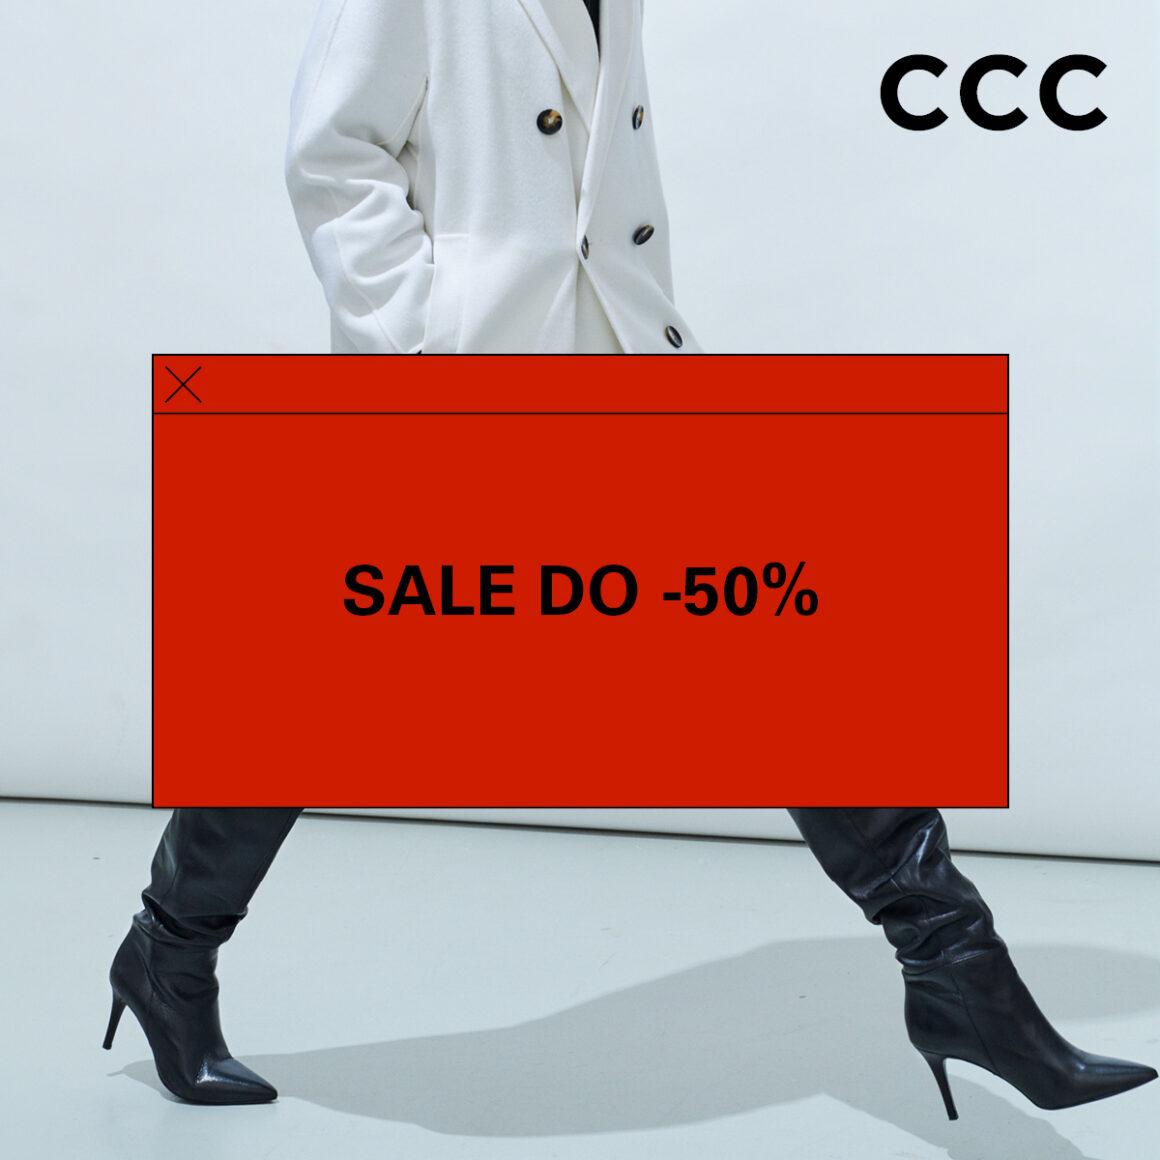 CCC wyprzedaż do -50%!